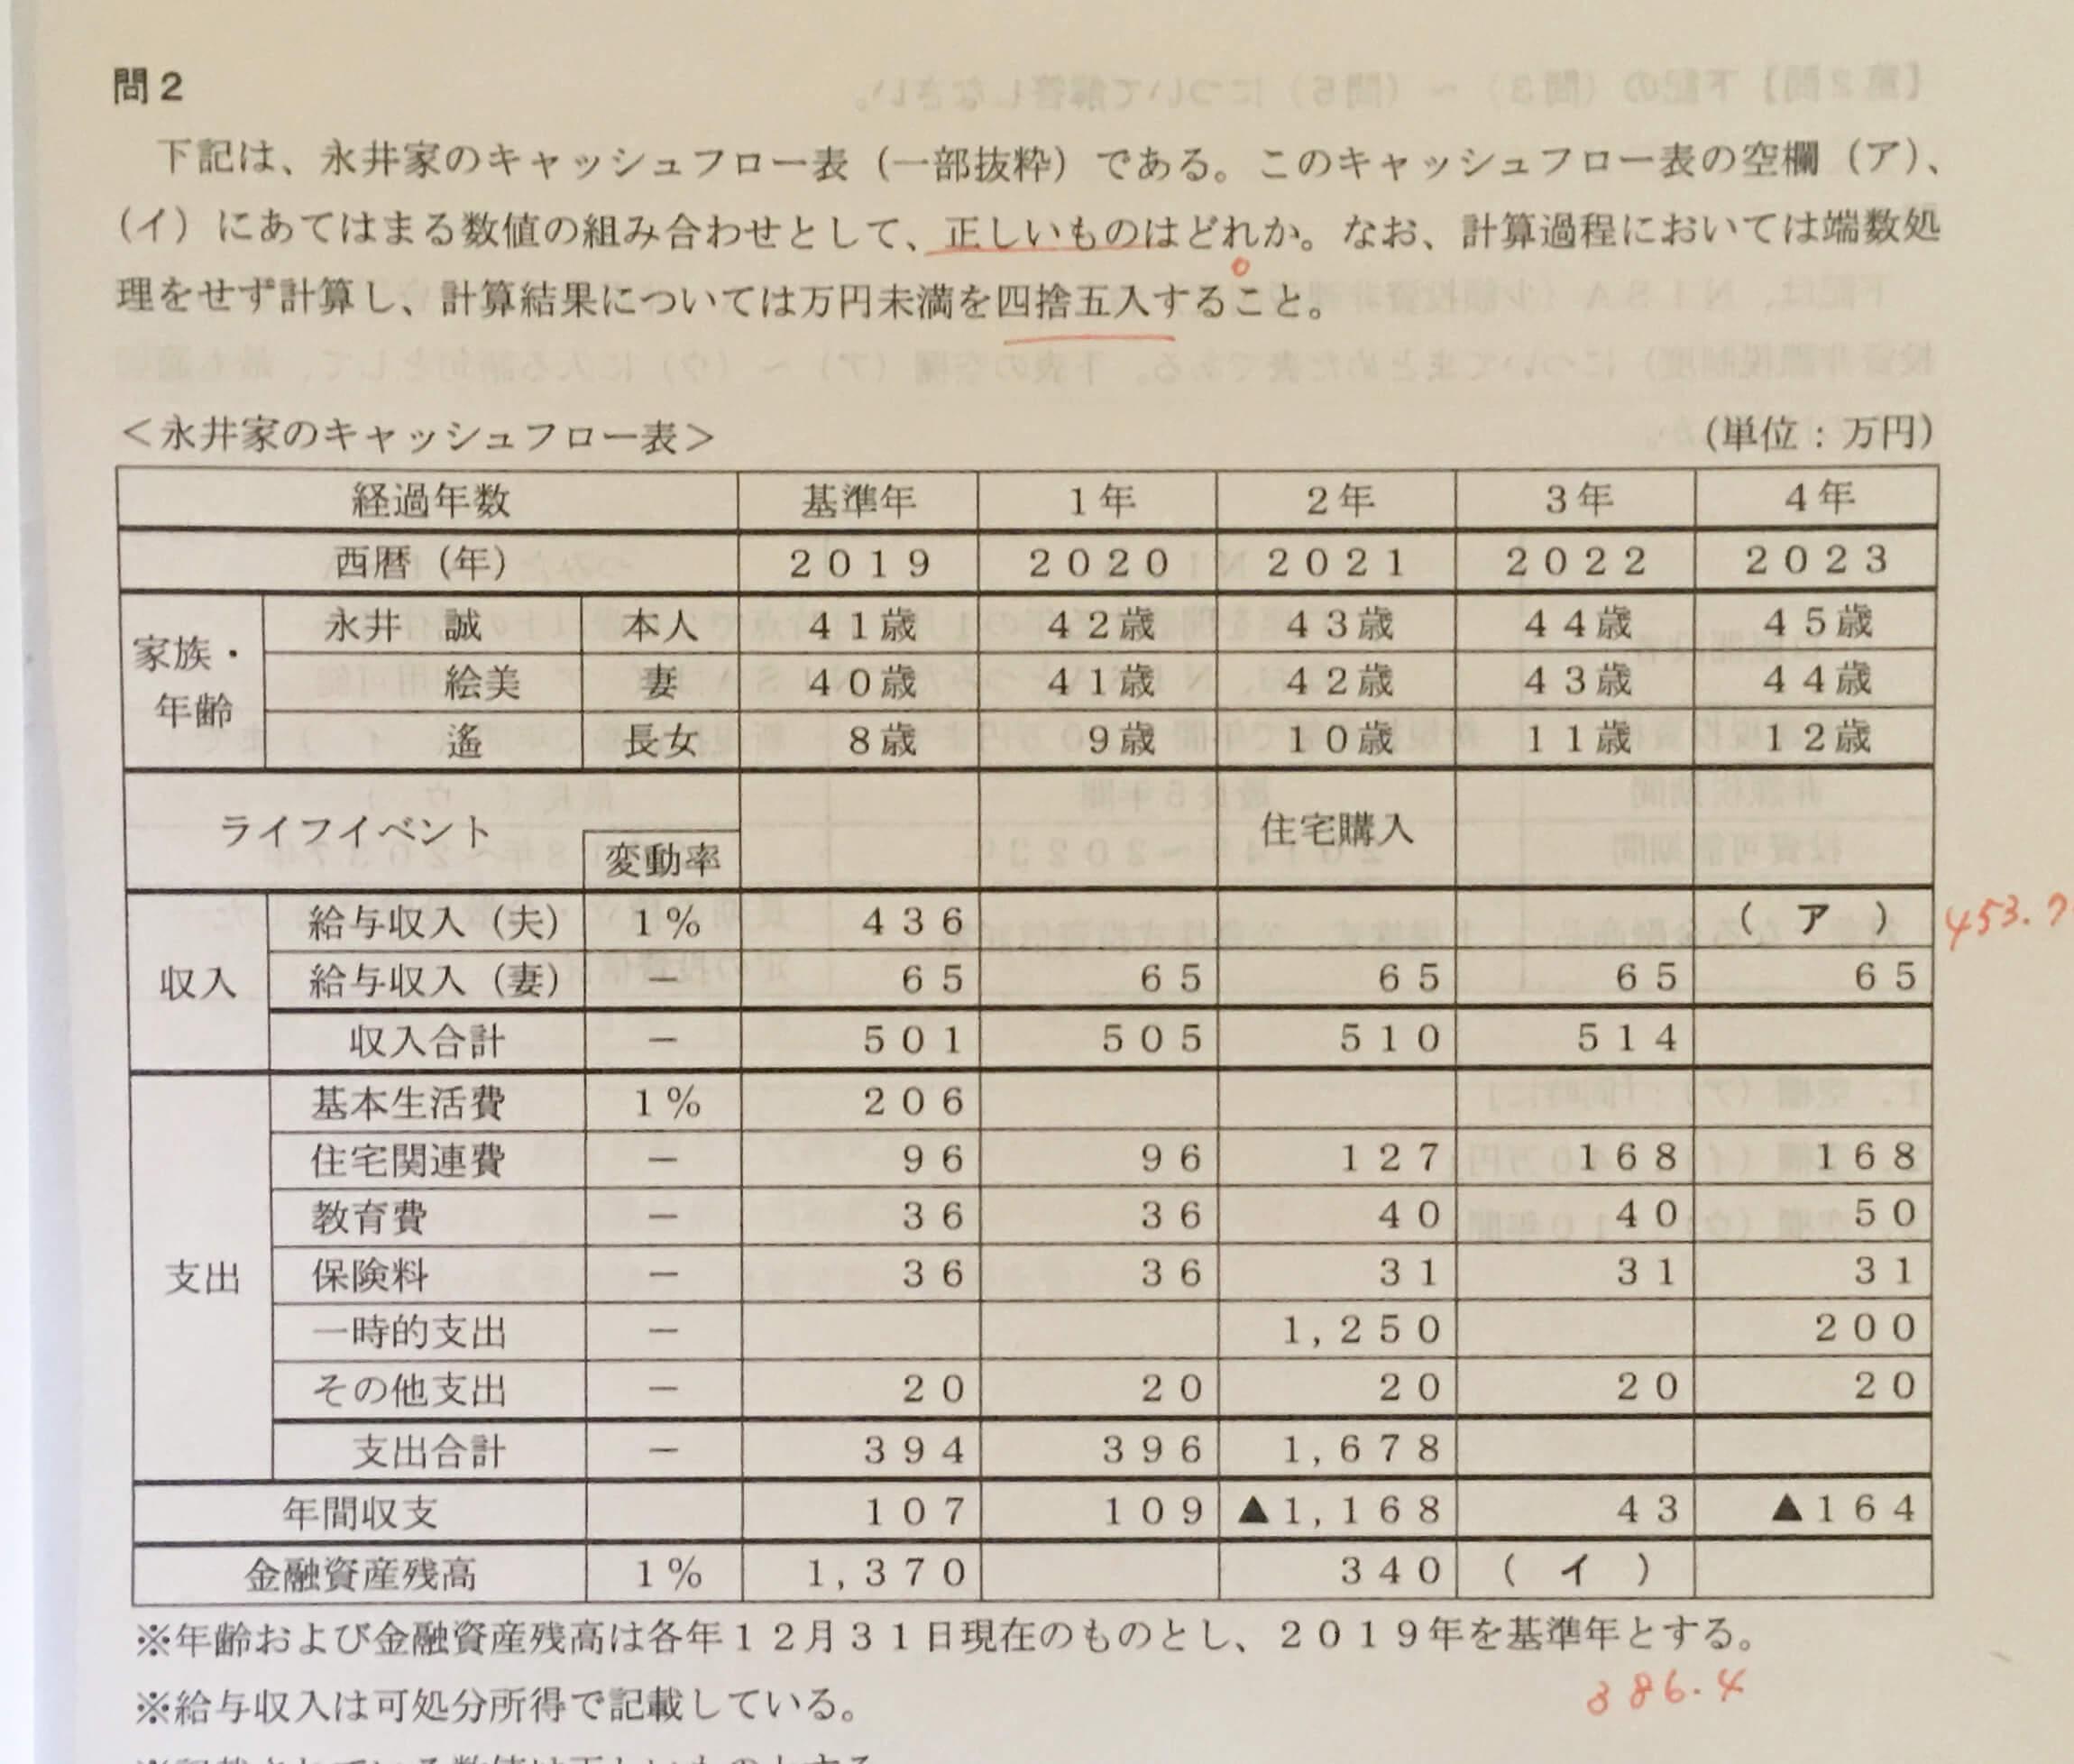 FP3級 実技・日本FP協会 キャッシュフロー表